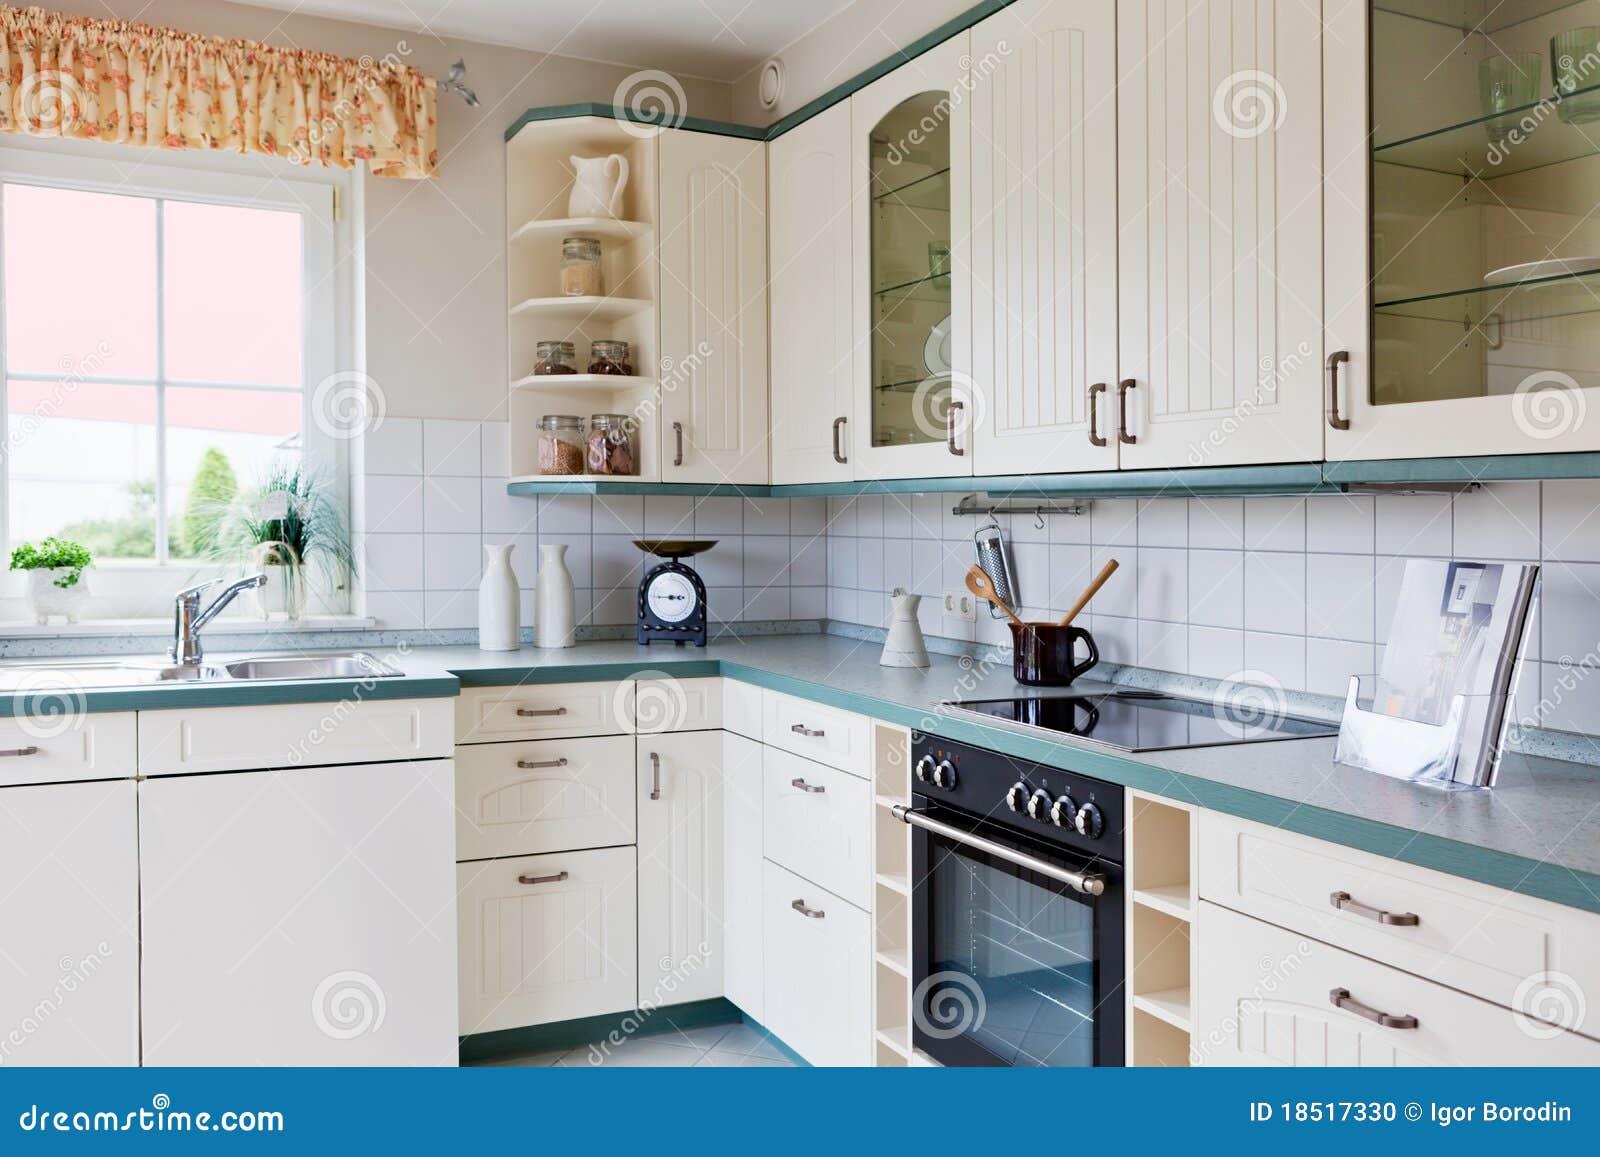 Interieur maison moderne cuisine maison moderne for Interieur maison moderne cuisine